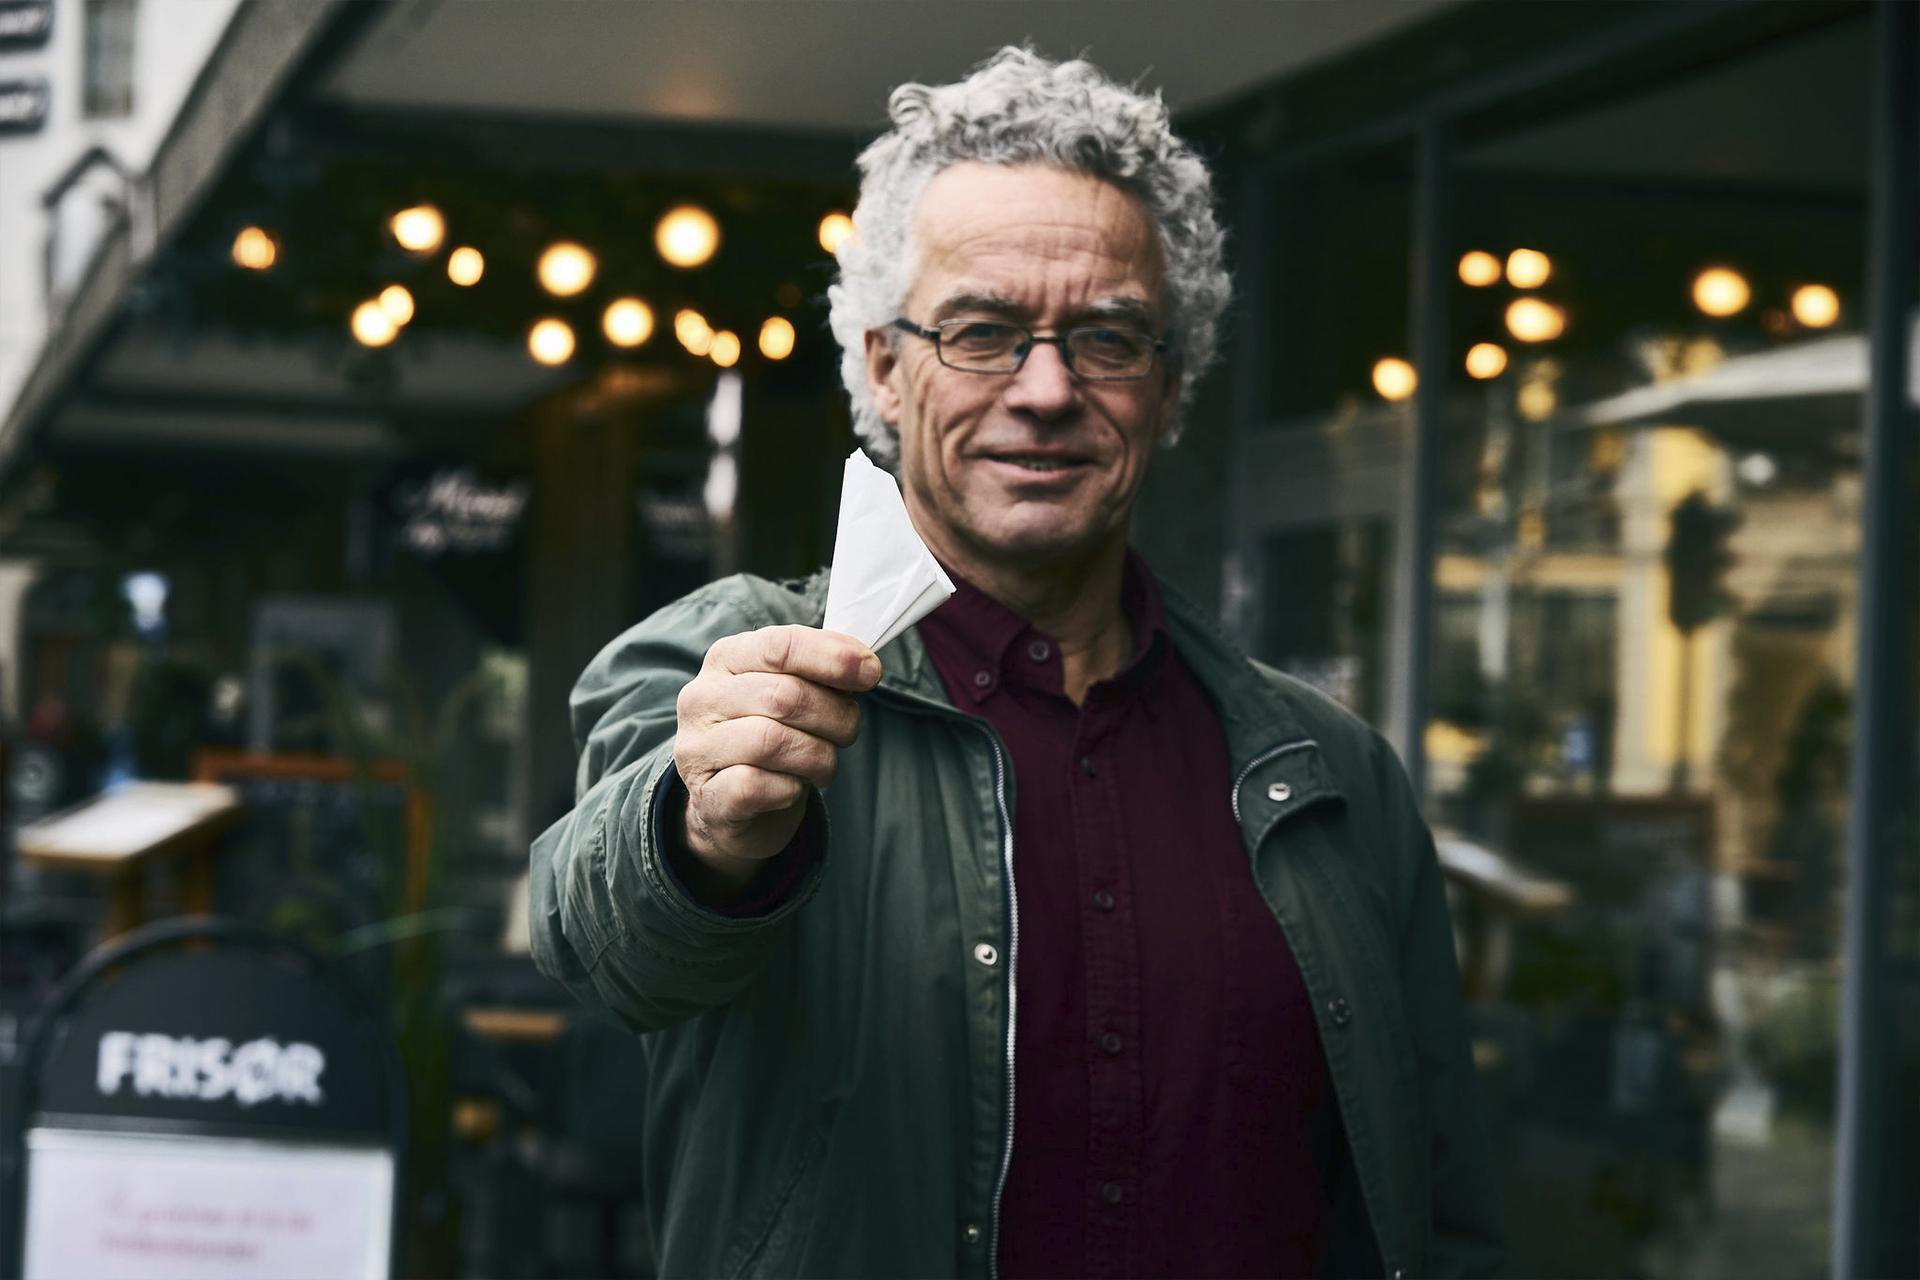 Rasmus Hansson viser frem en lommepose